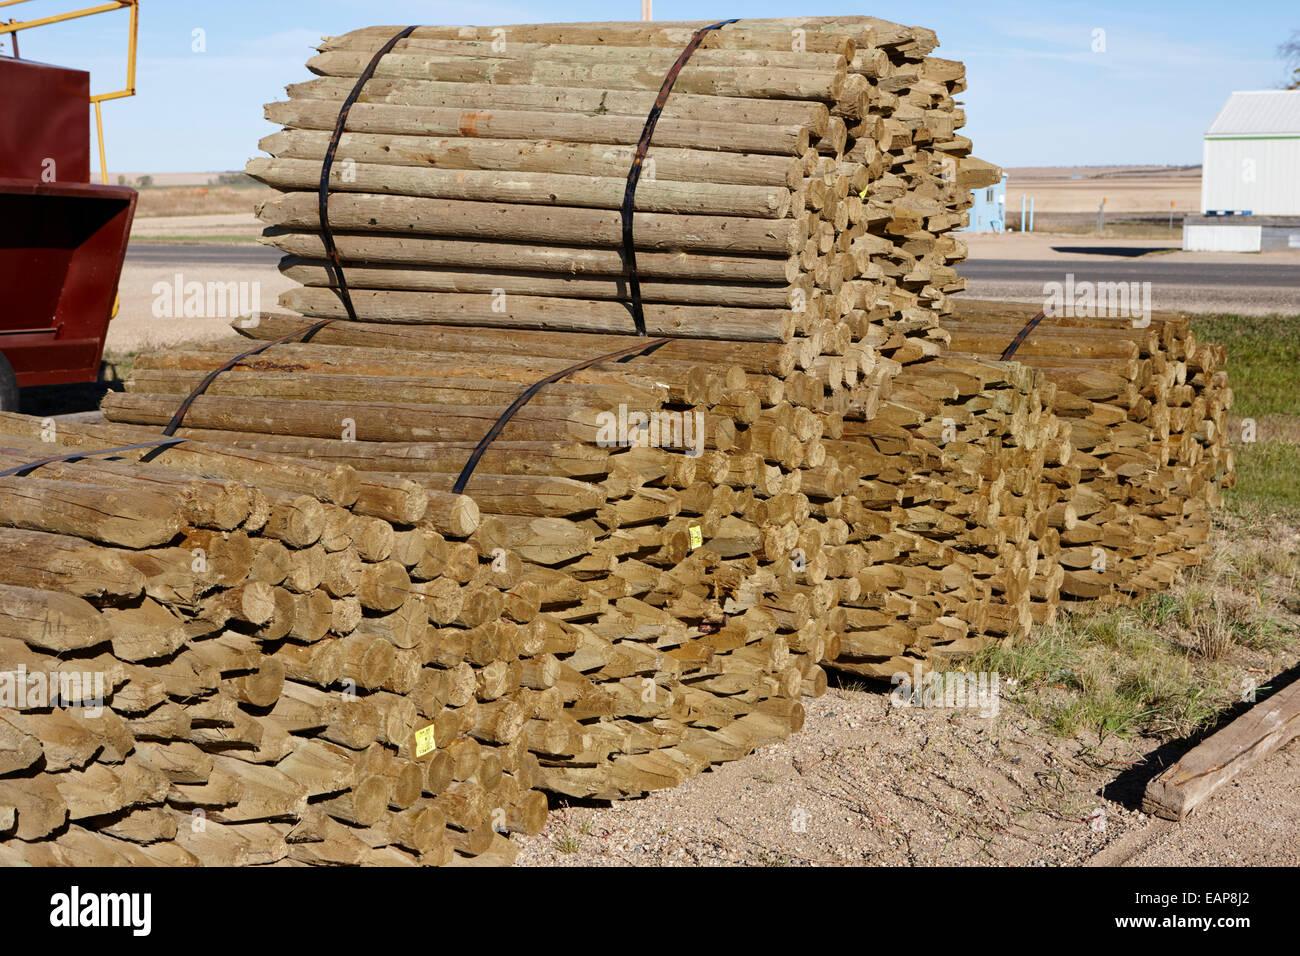 Des tas de piquets en bois dans une usine en Saskatchewan Canada Photo Stock